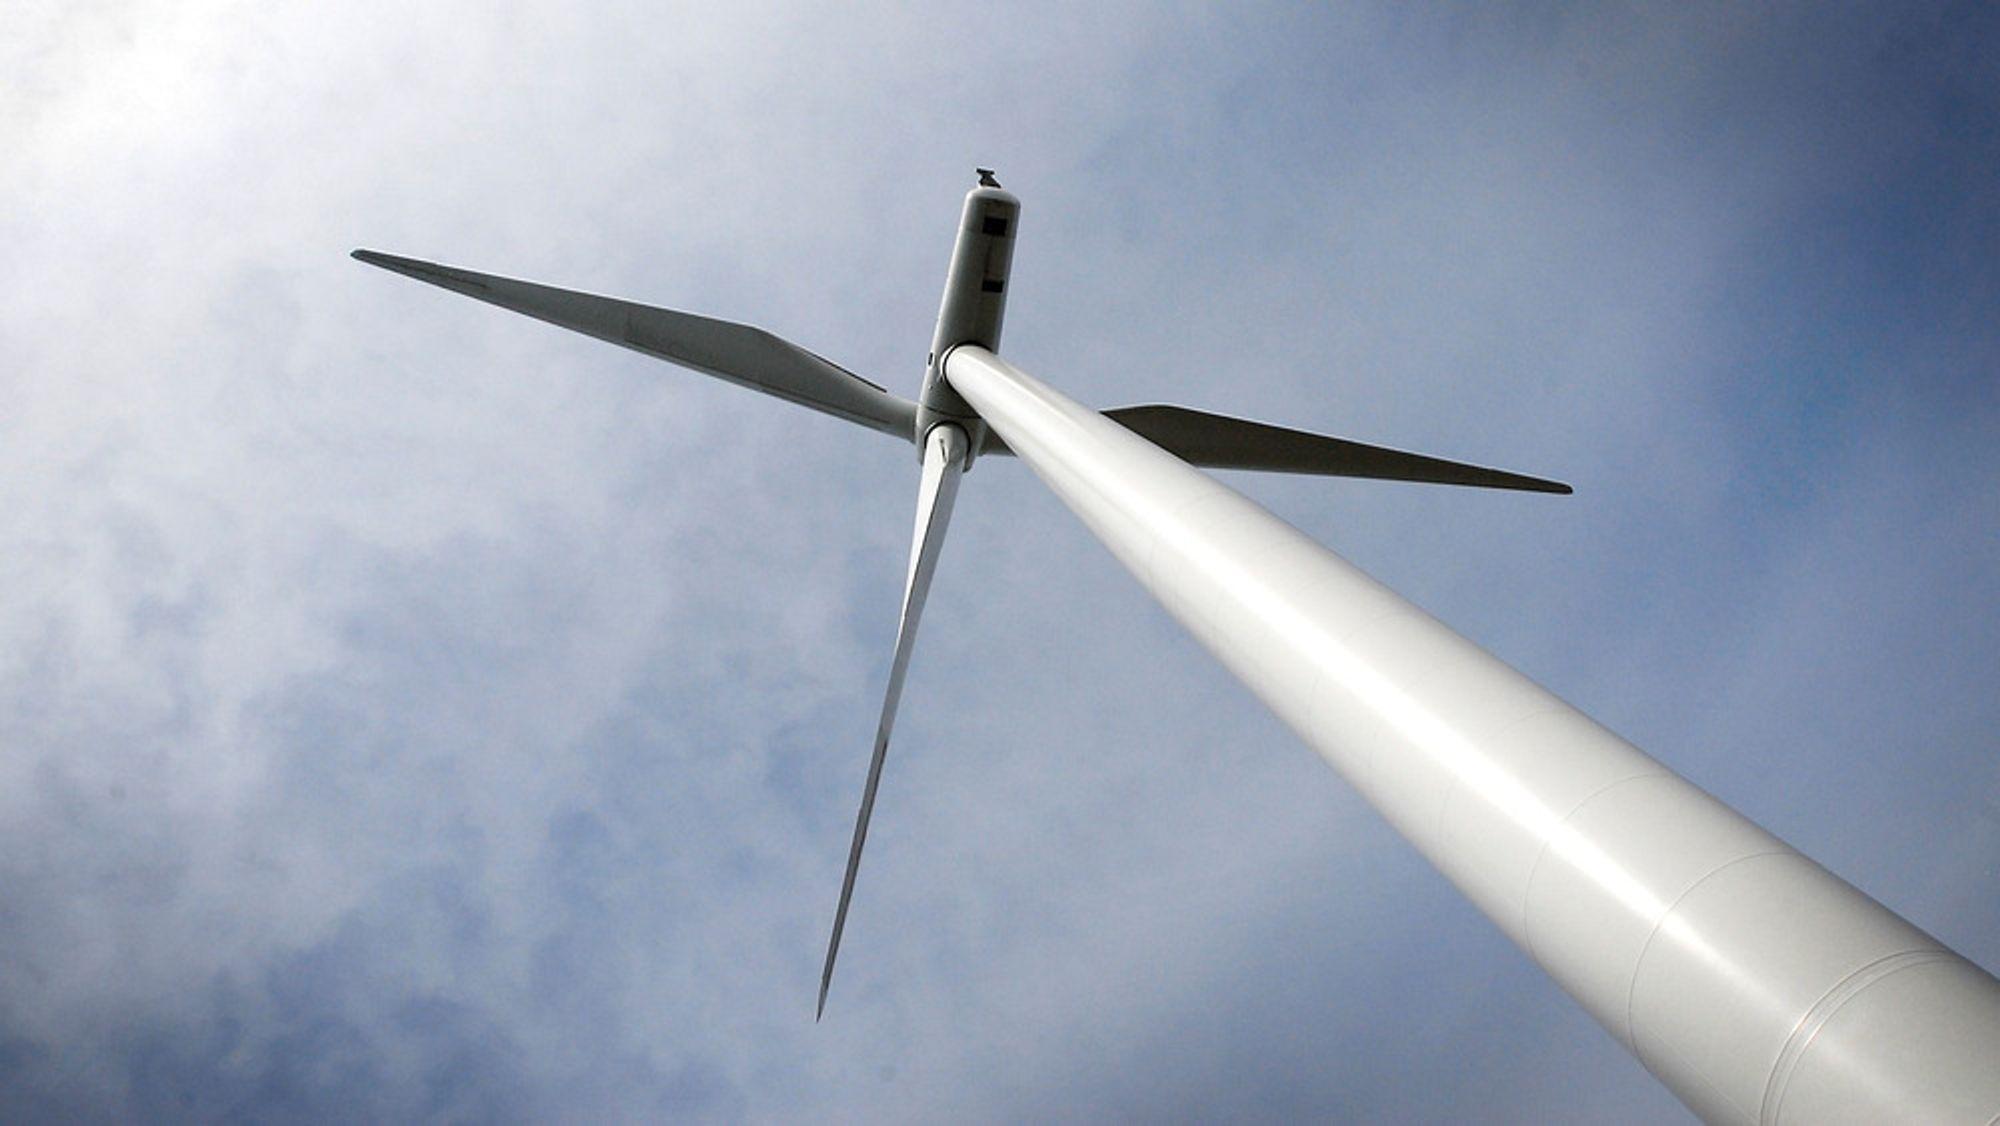 I Danmark stanses vindmøllene for å regulere strømproduksjonen. Er det egentlig et problem?